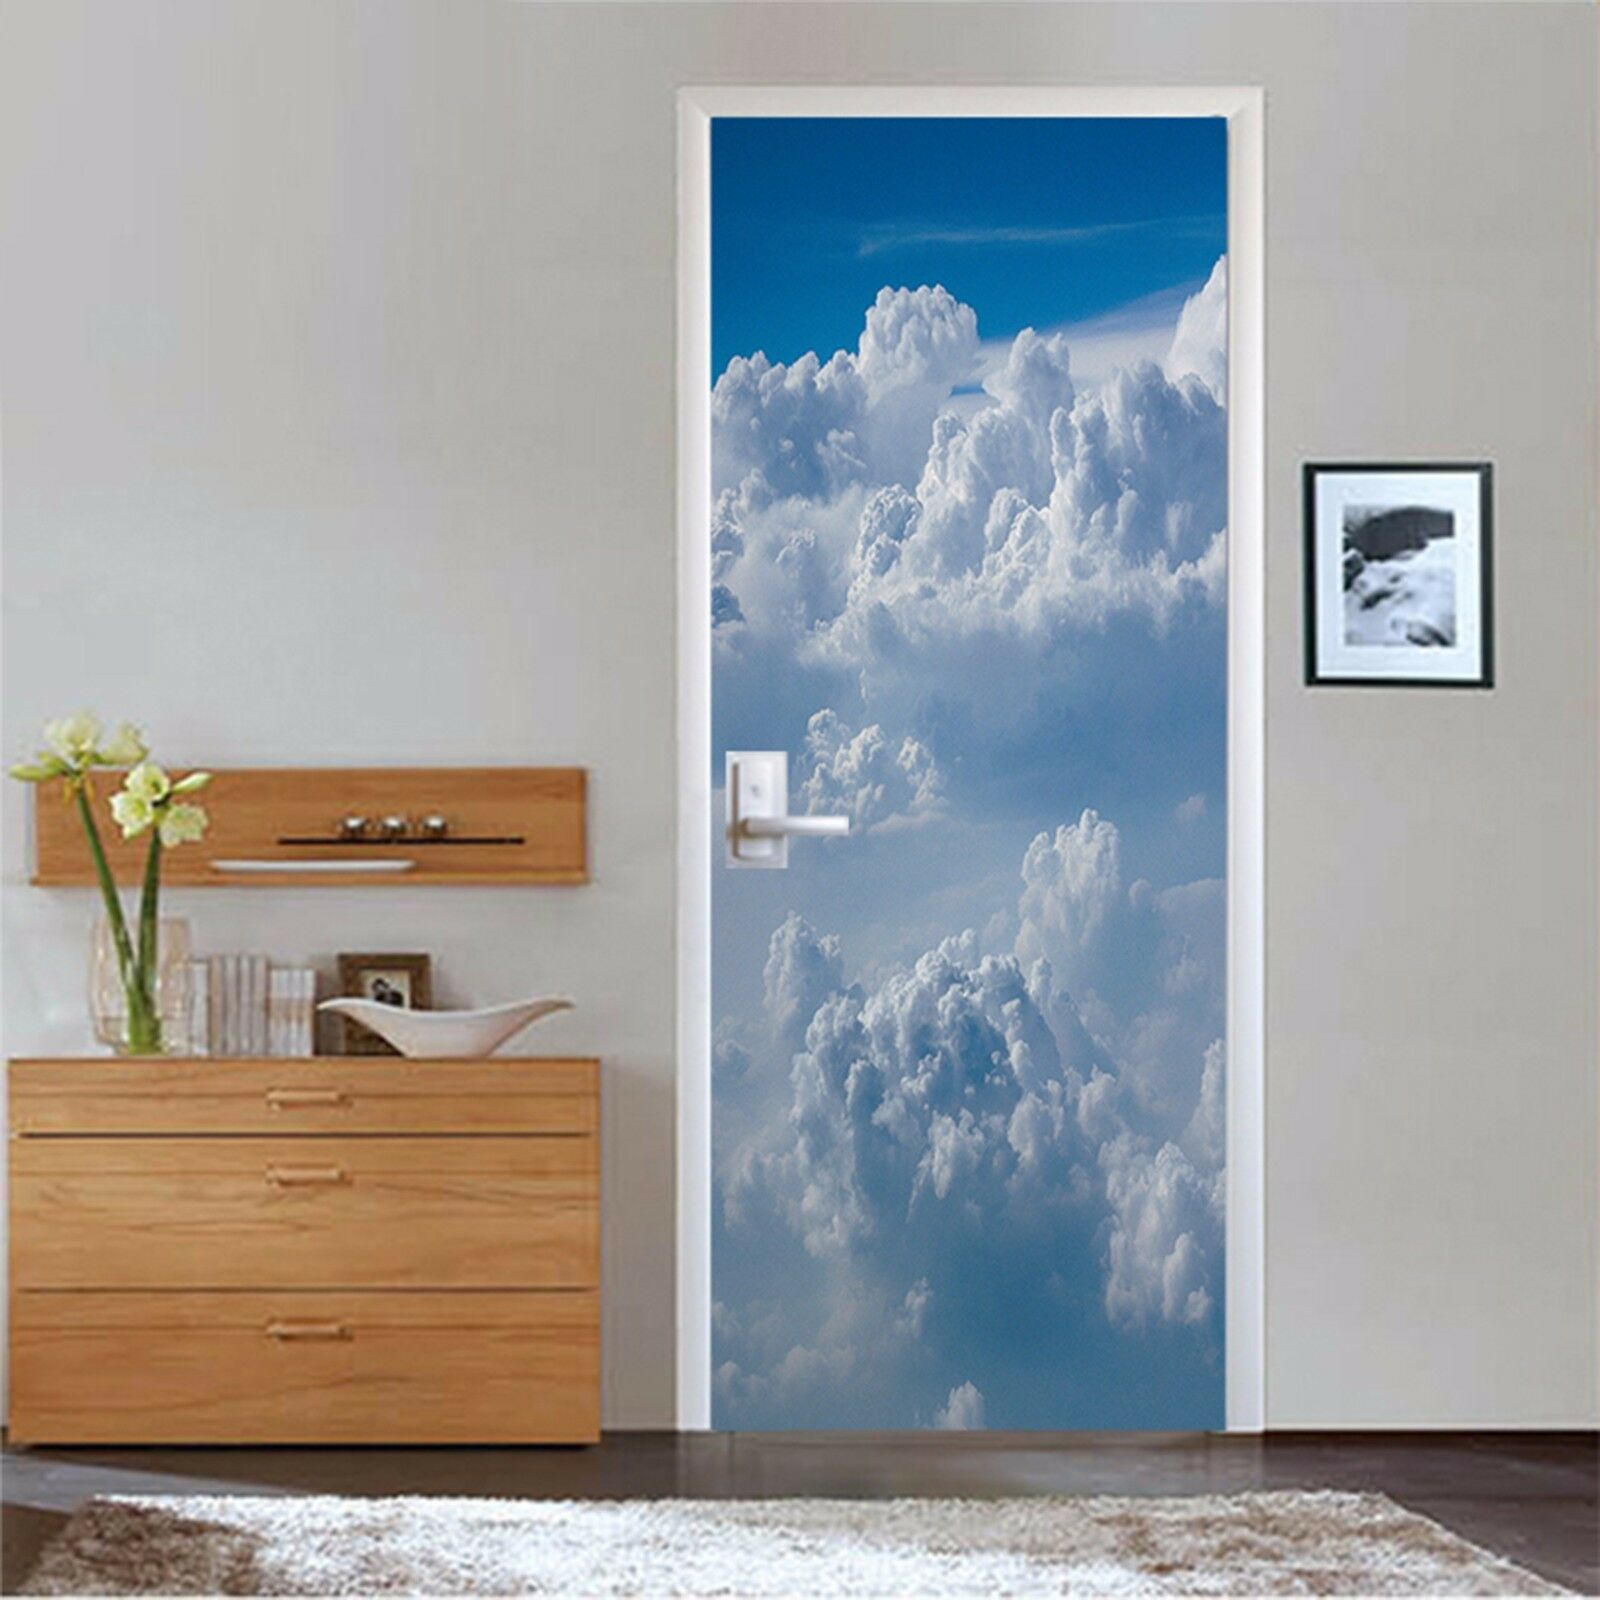 3D Wolken 755 Tür Wandmalerei Wandaufkleber Aufkleber AJ WALLPAPER DE Kyra   Vielfältiges neues Design    Lassen Sie unsere Produkte in die Welt gehen    Verschiedene Waren